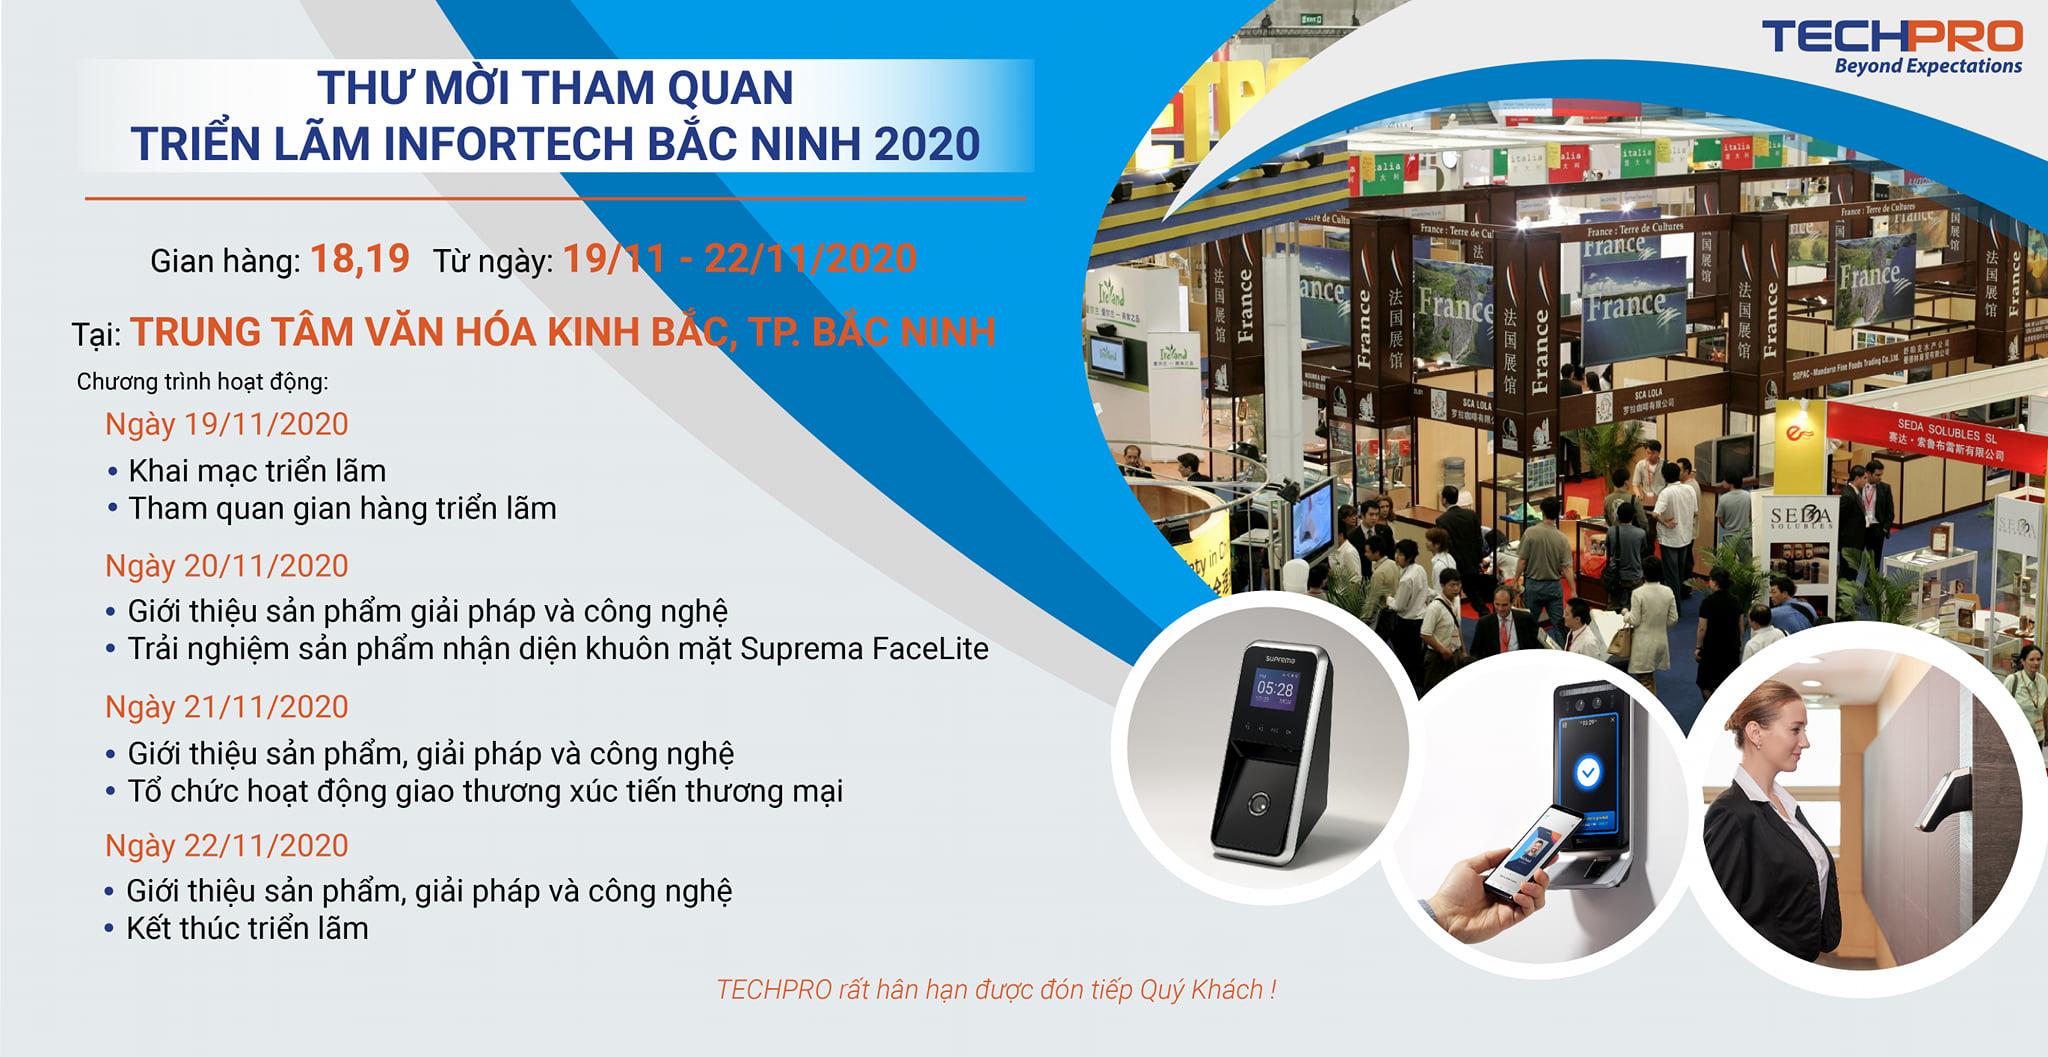 TECHPRO - Thư mời tham quan Triển lãm Công nghiệp điện tử, viễn thông, công nghệ thông tin - Infortech Bắc Ninh 2020